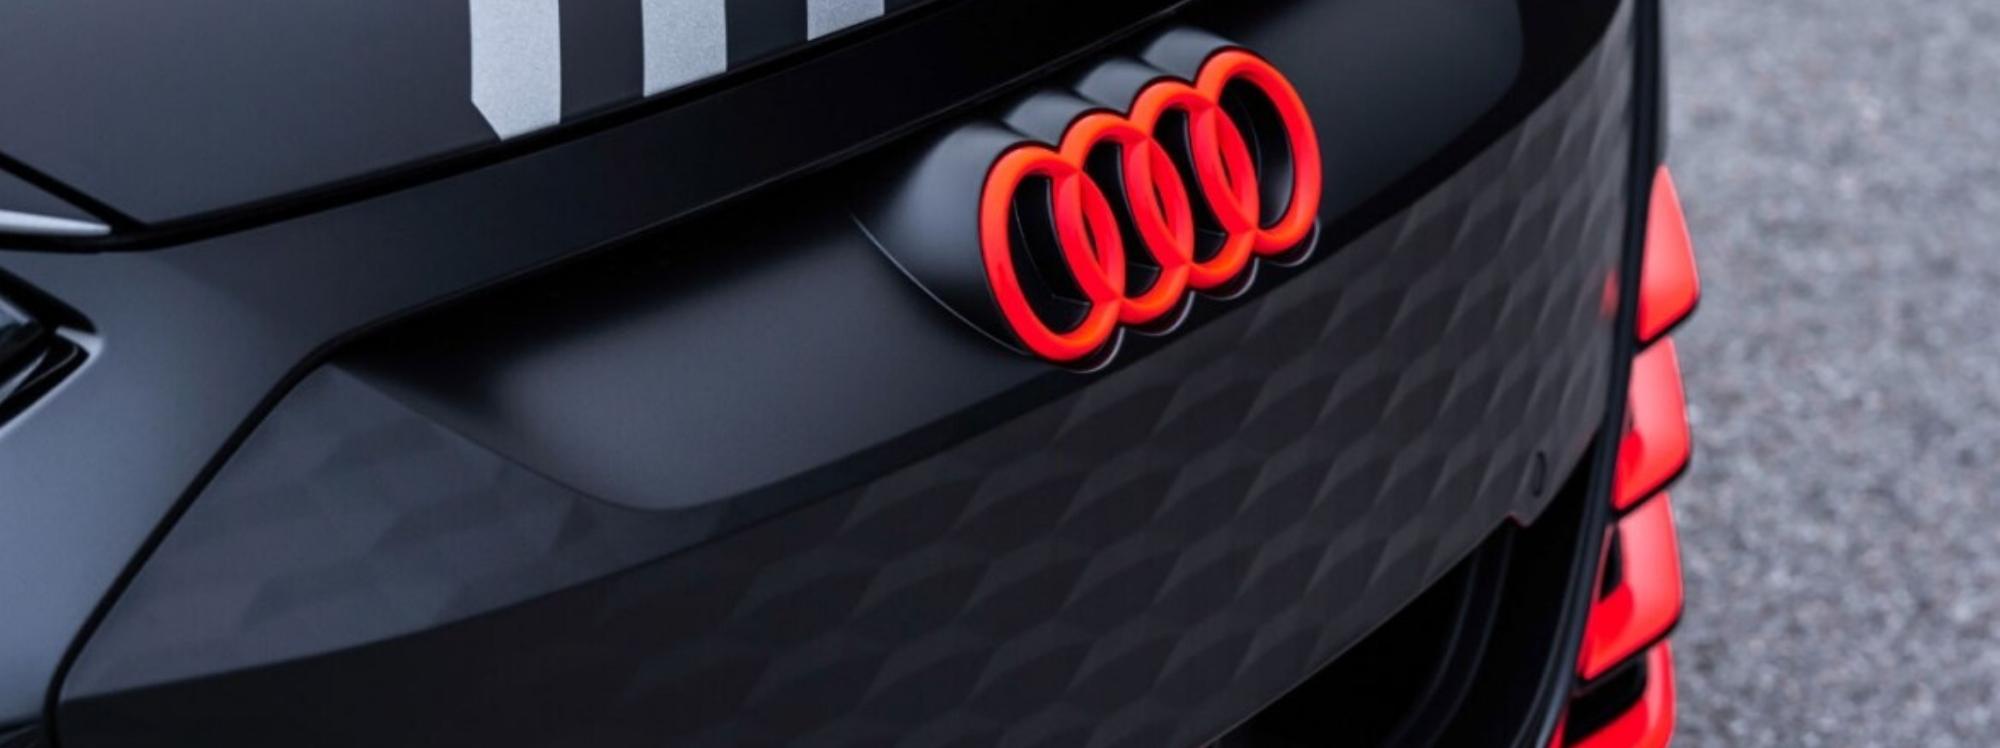 Audi incrementa presupuesto para movilidad eléctrica